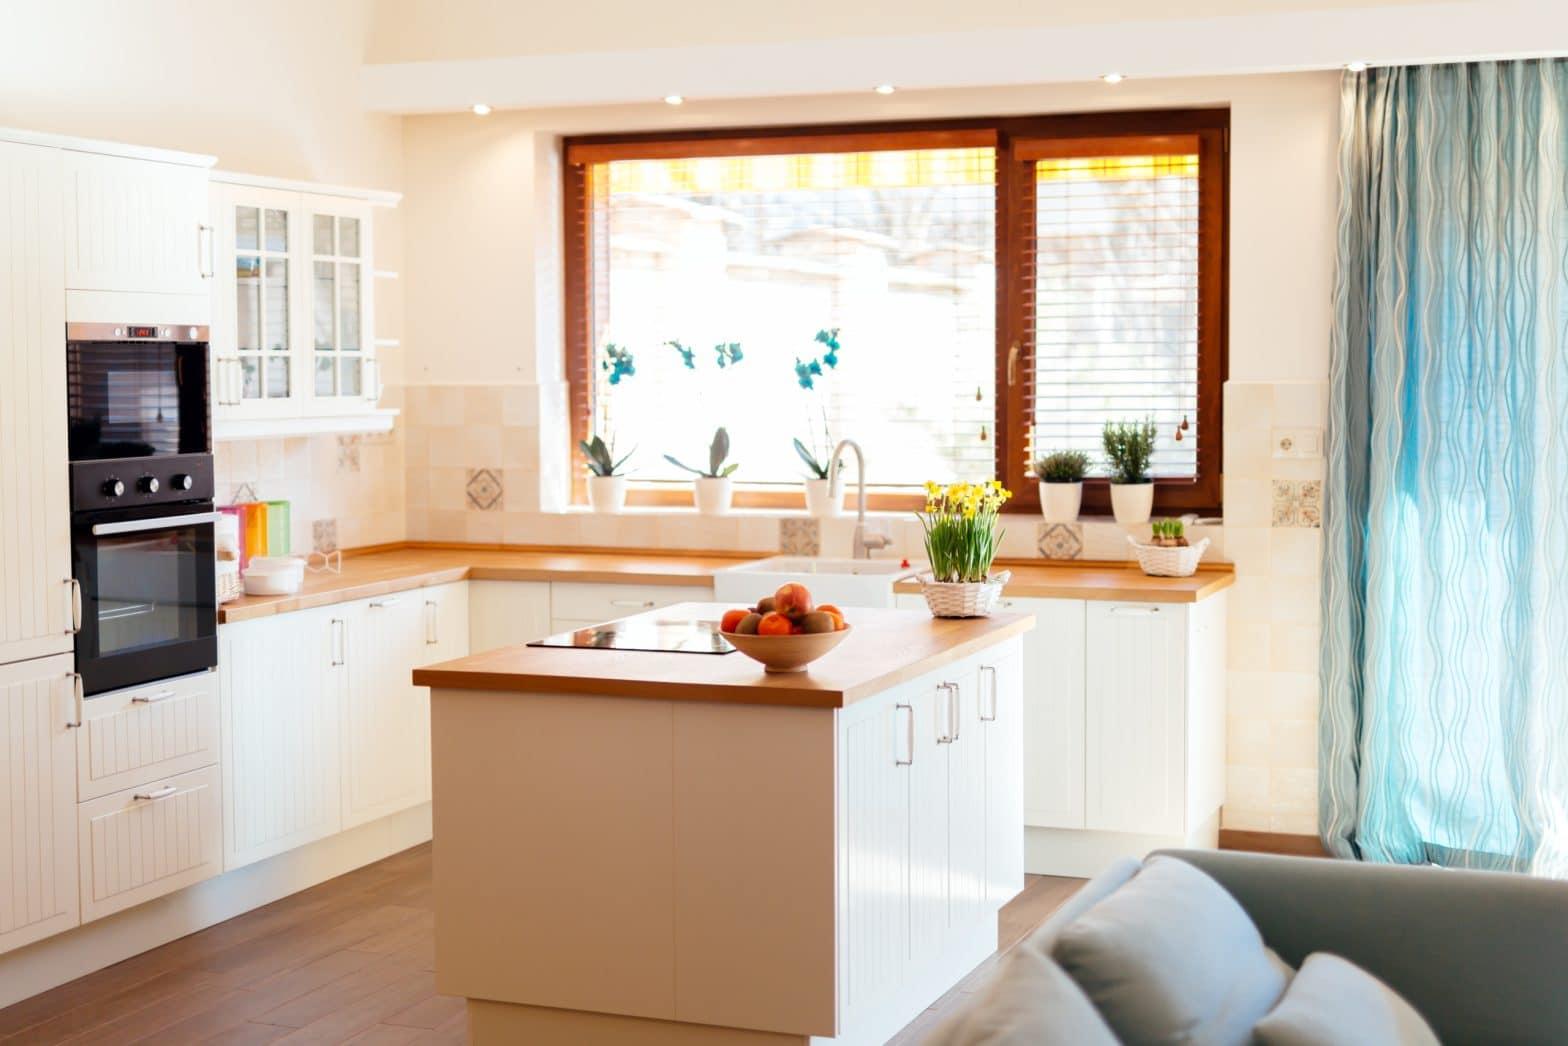 reforma cocina 6 m2